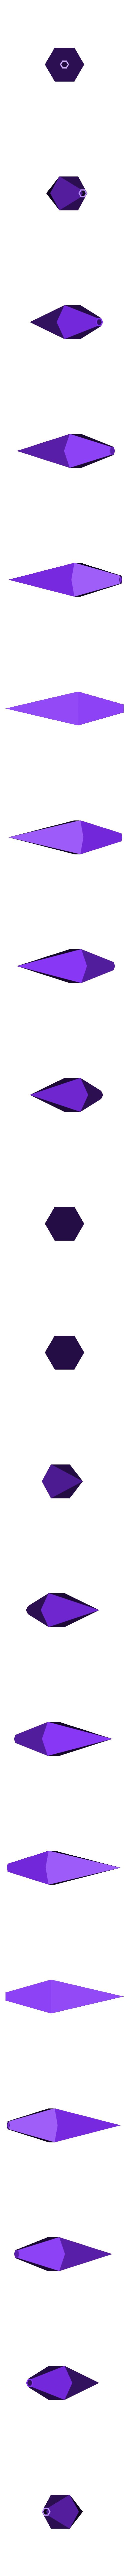 microphoneCylinder_009.stl Télécharger fichier STL microphone séraphin KDA ALL OUT COSPLAY • Modèle pour imprimante 3D, geck